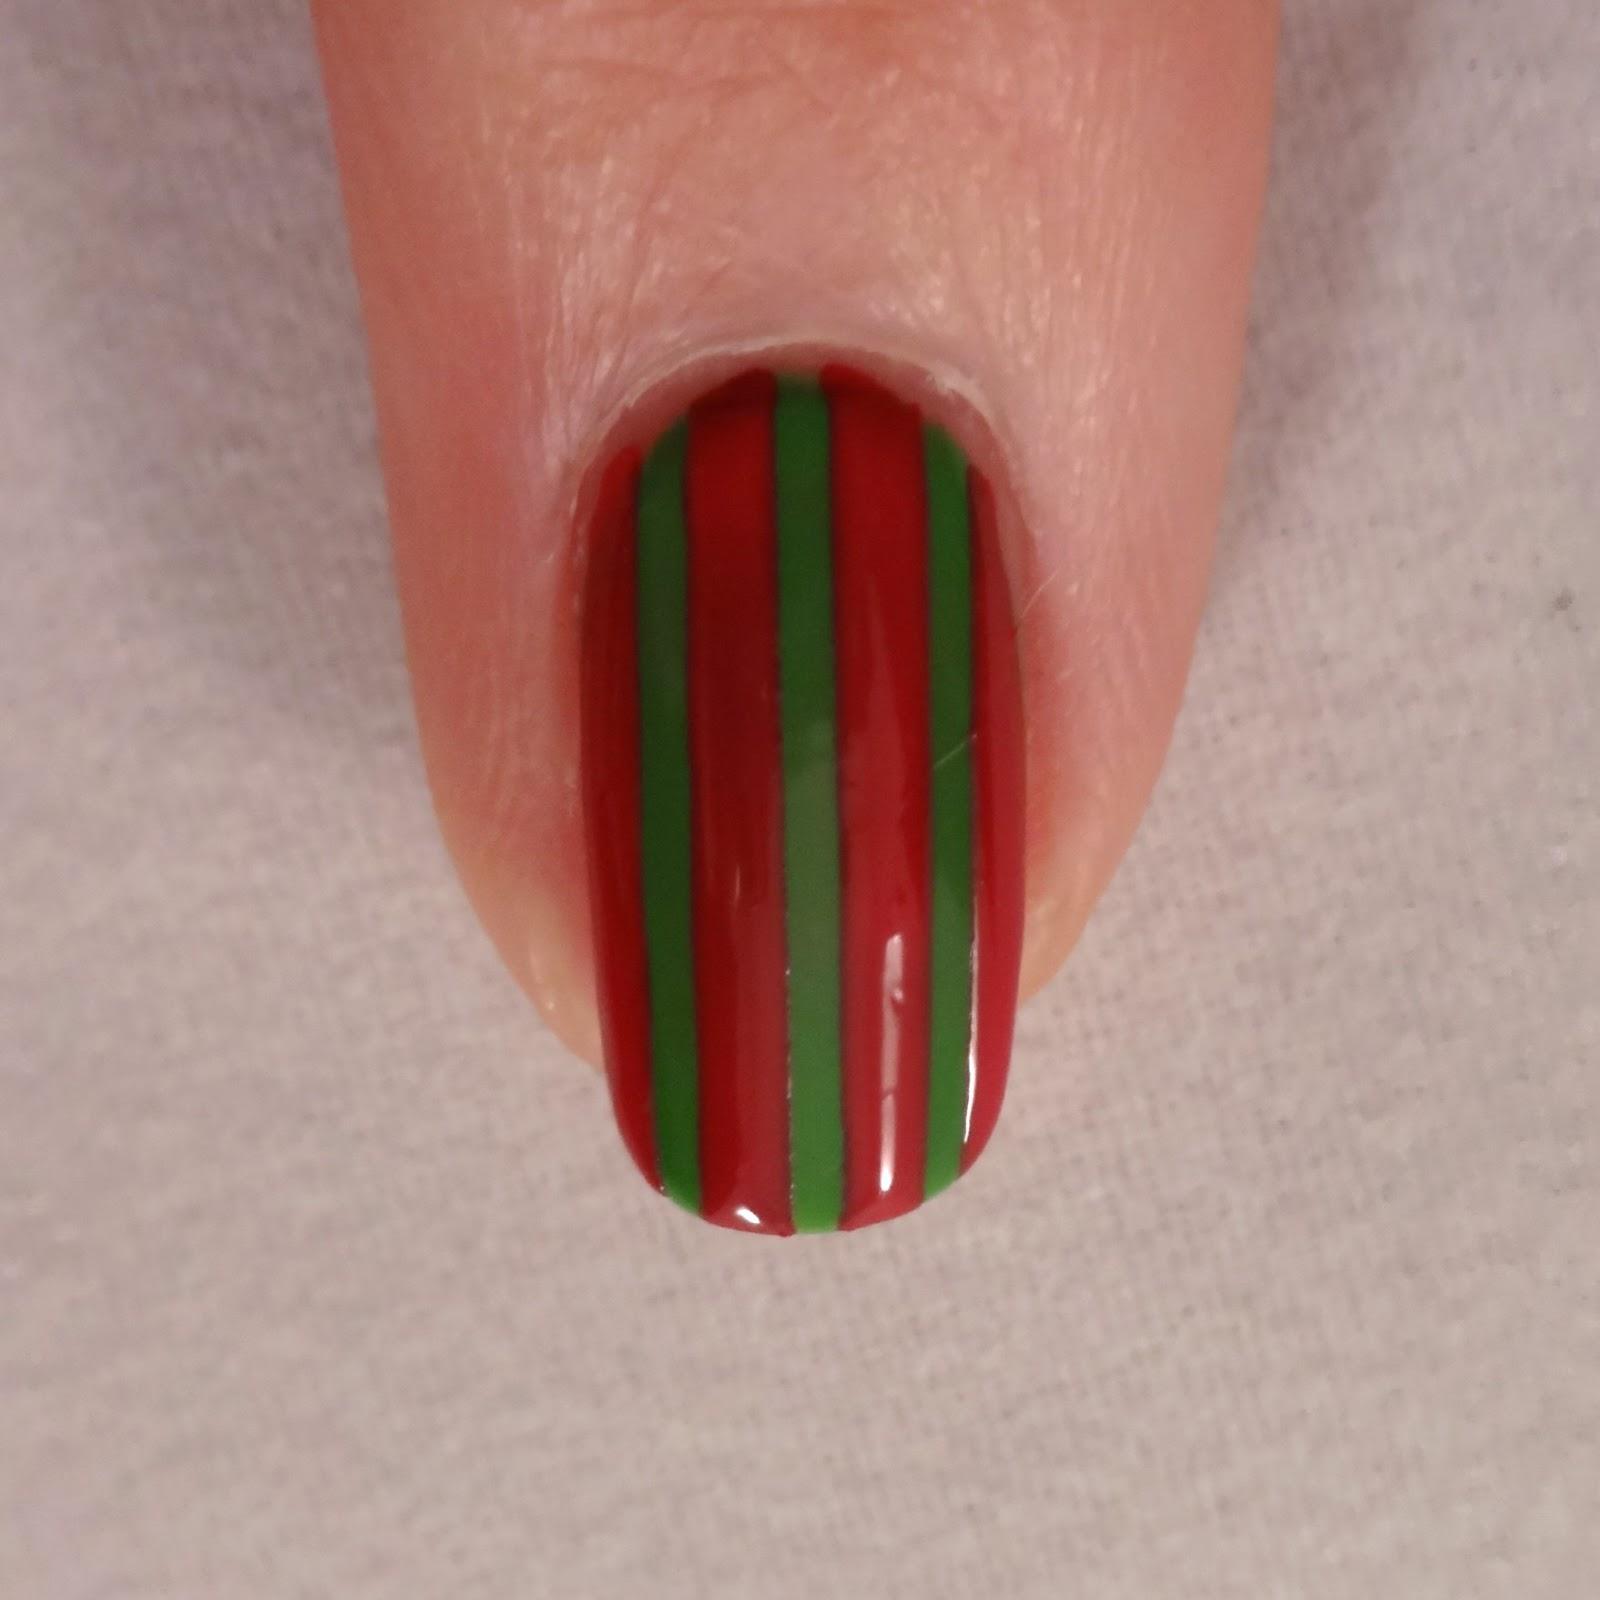 Striped Nail